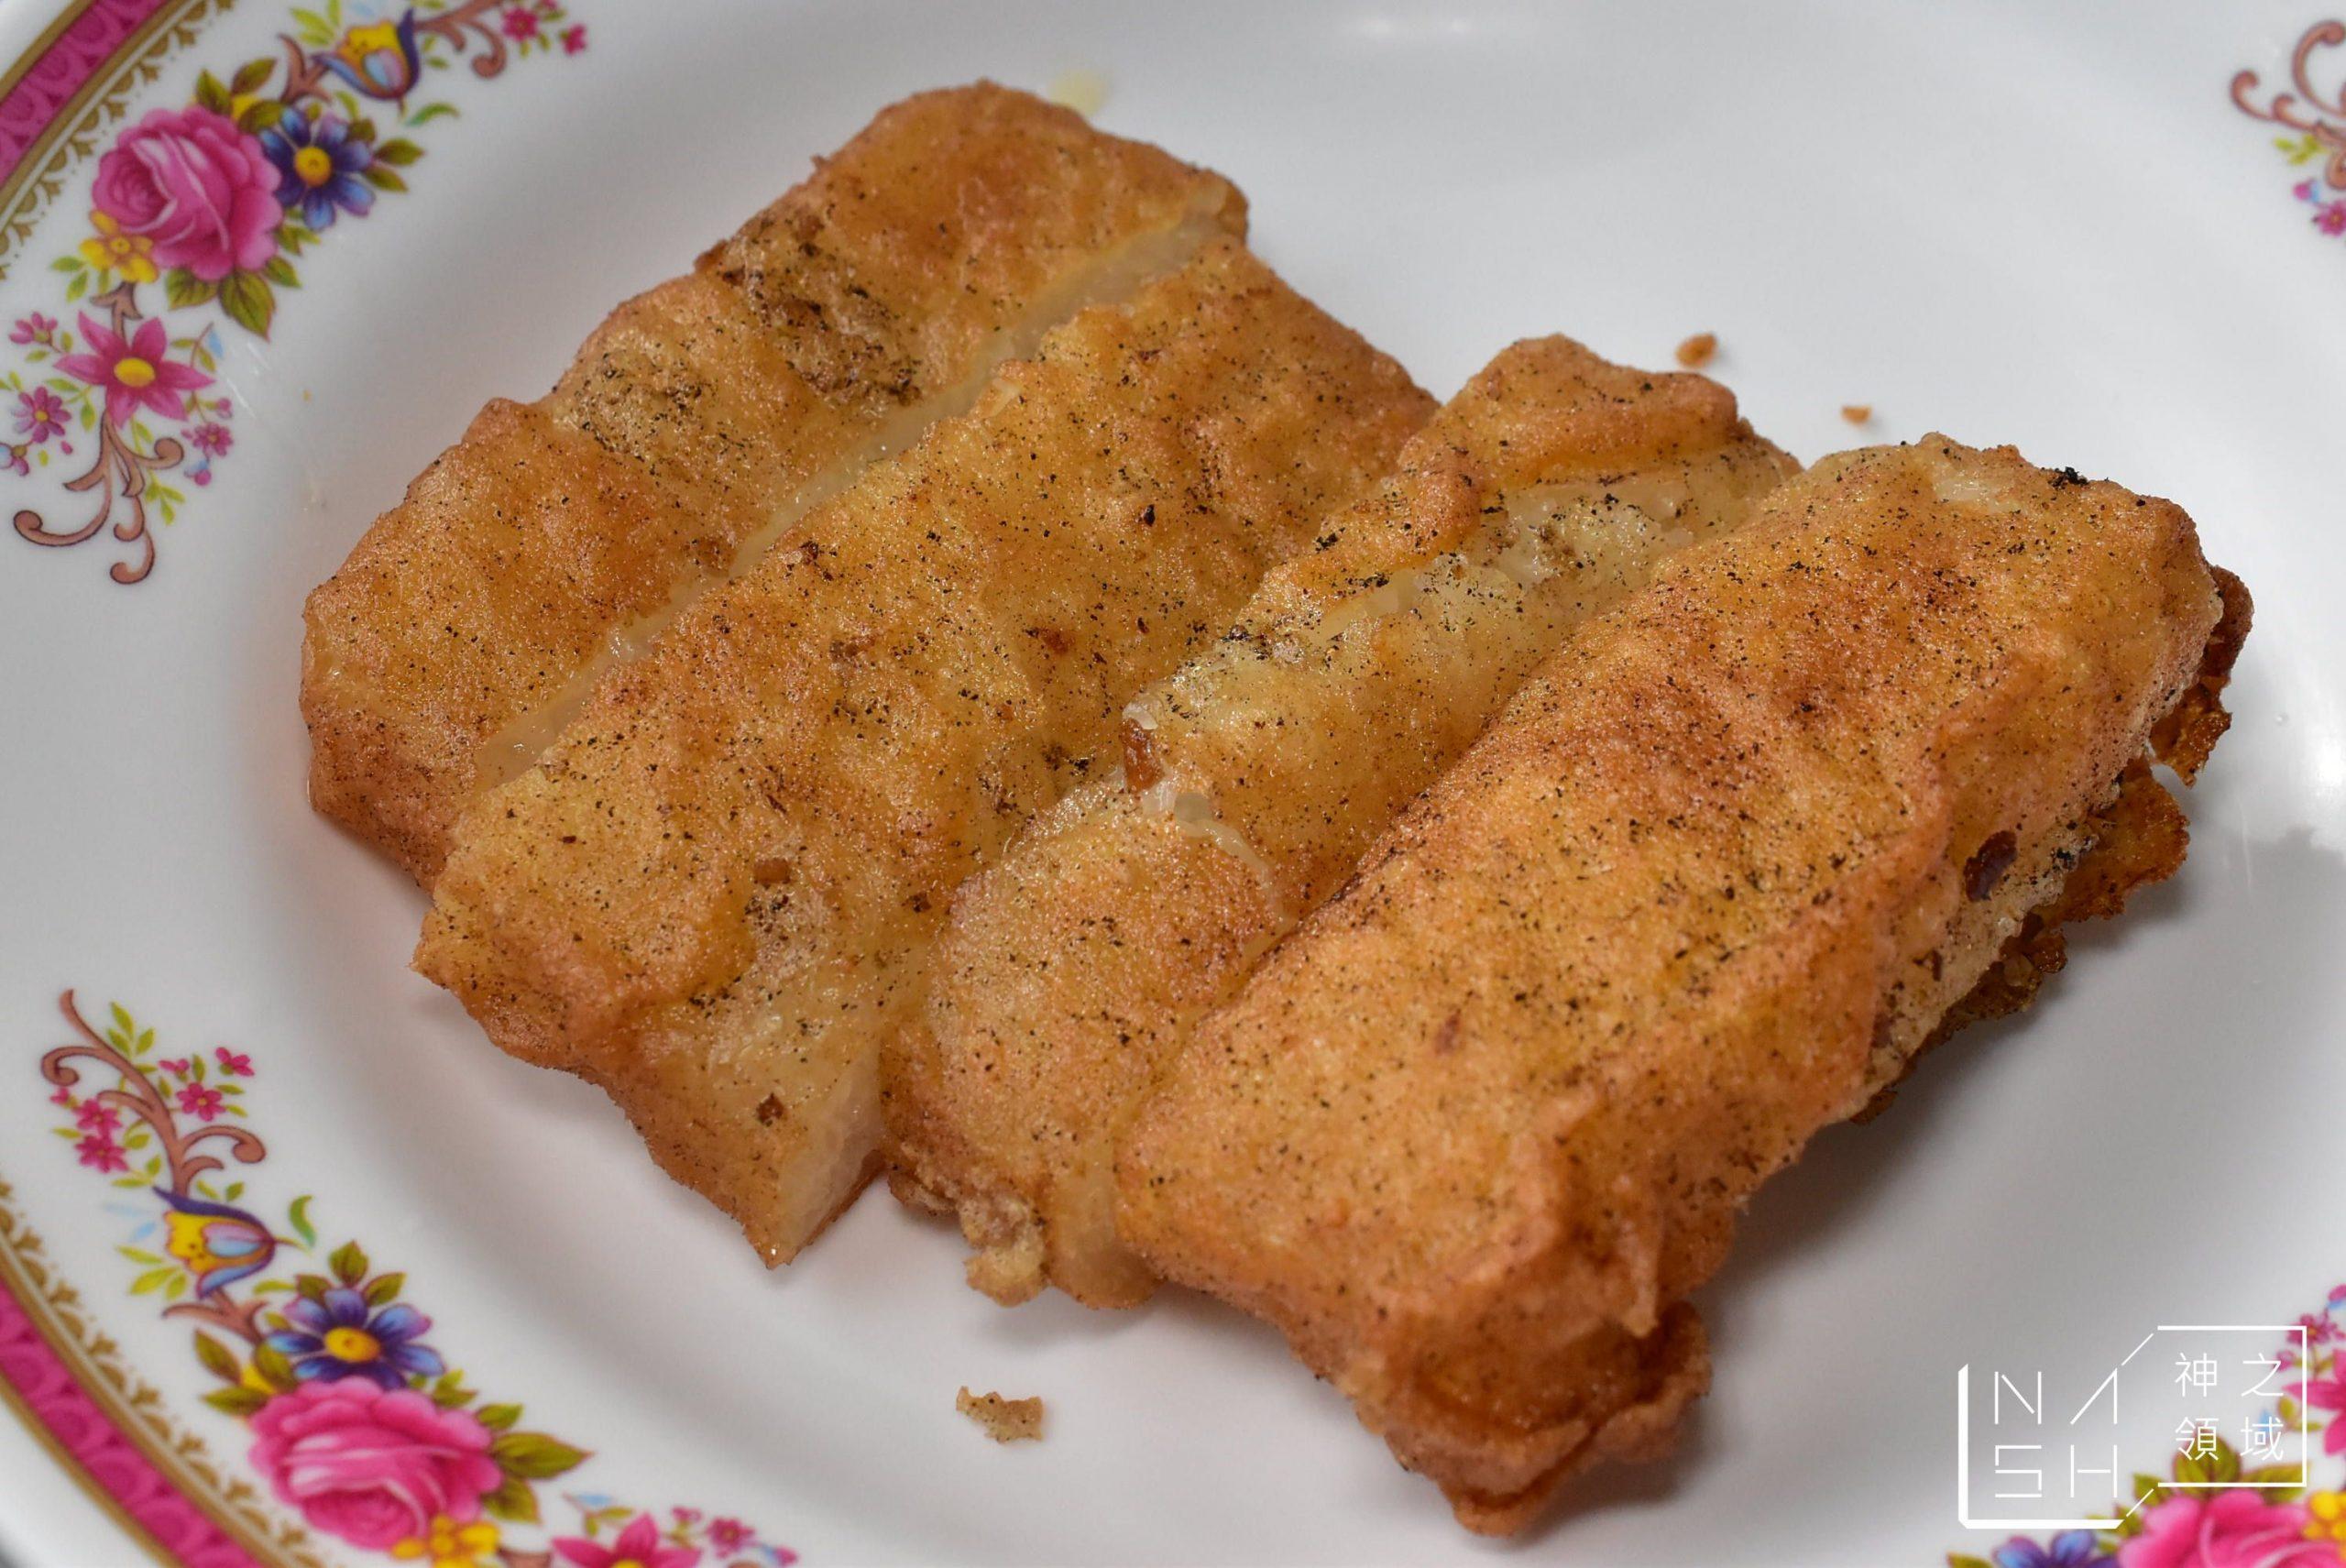 清水燒炸粿